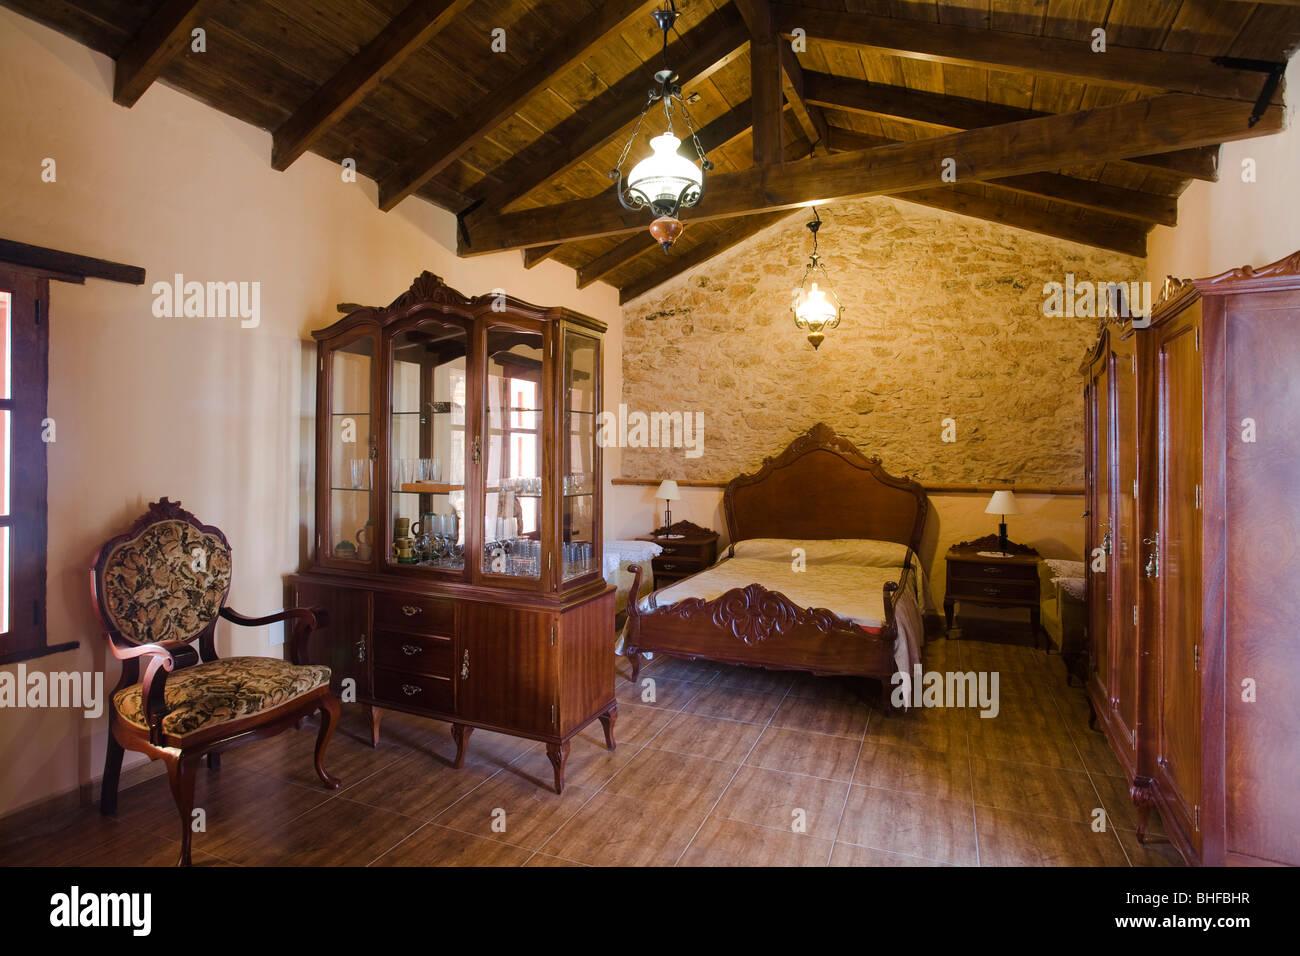 cfc253a7bb9a4 Vista desde el interior de una casa de vacaciones